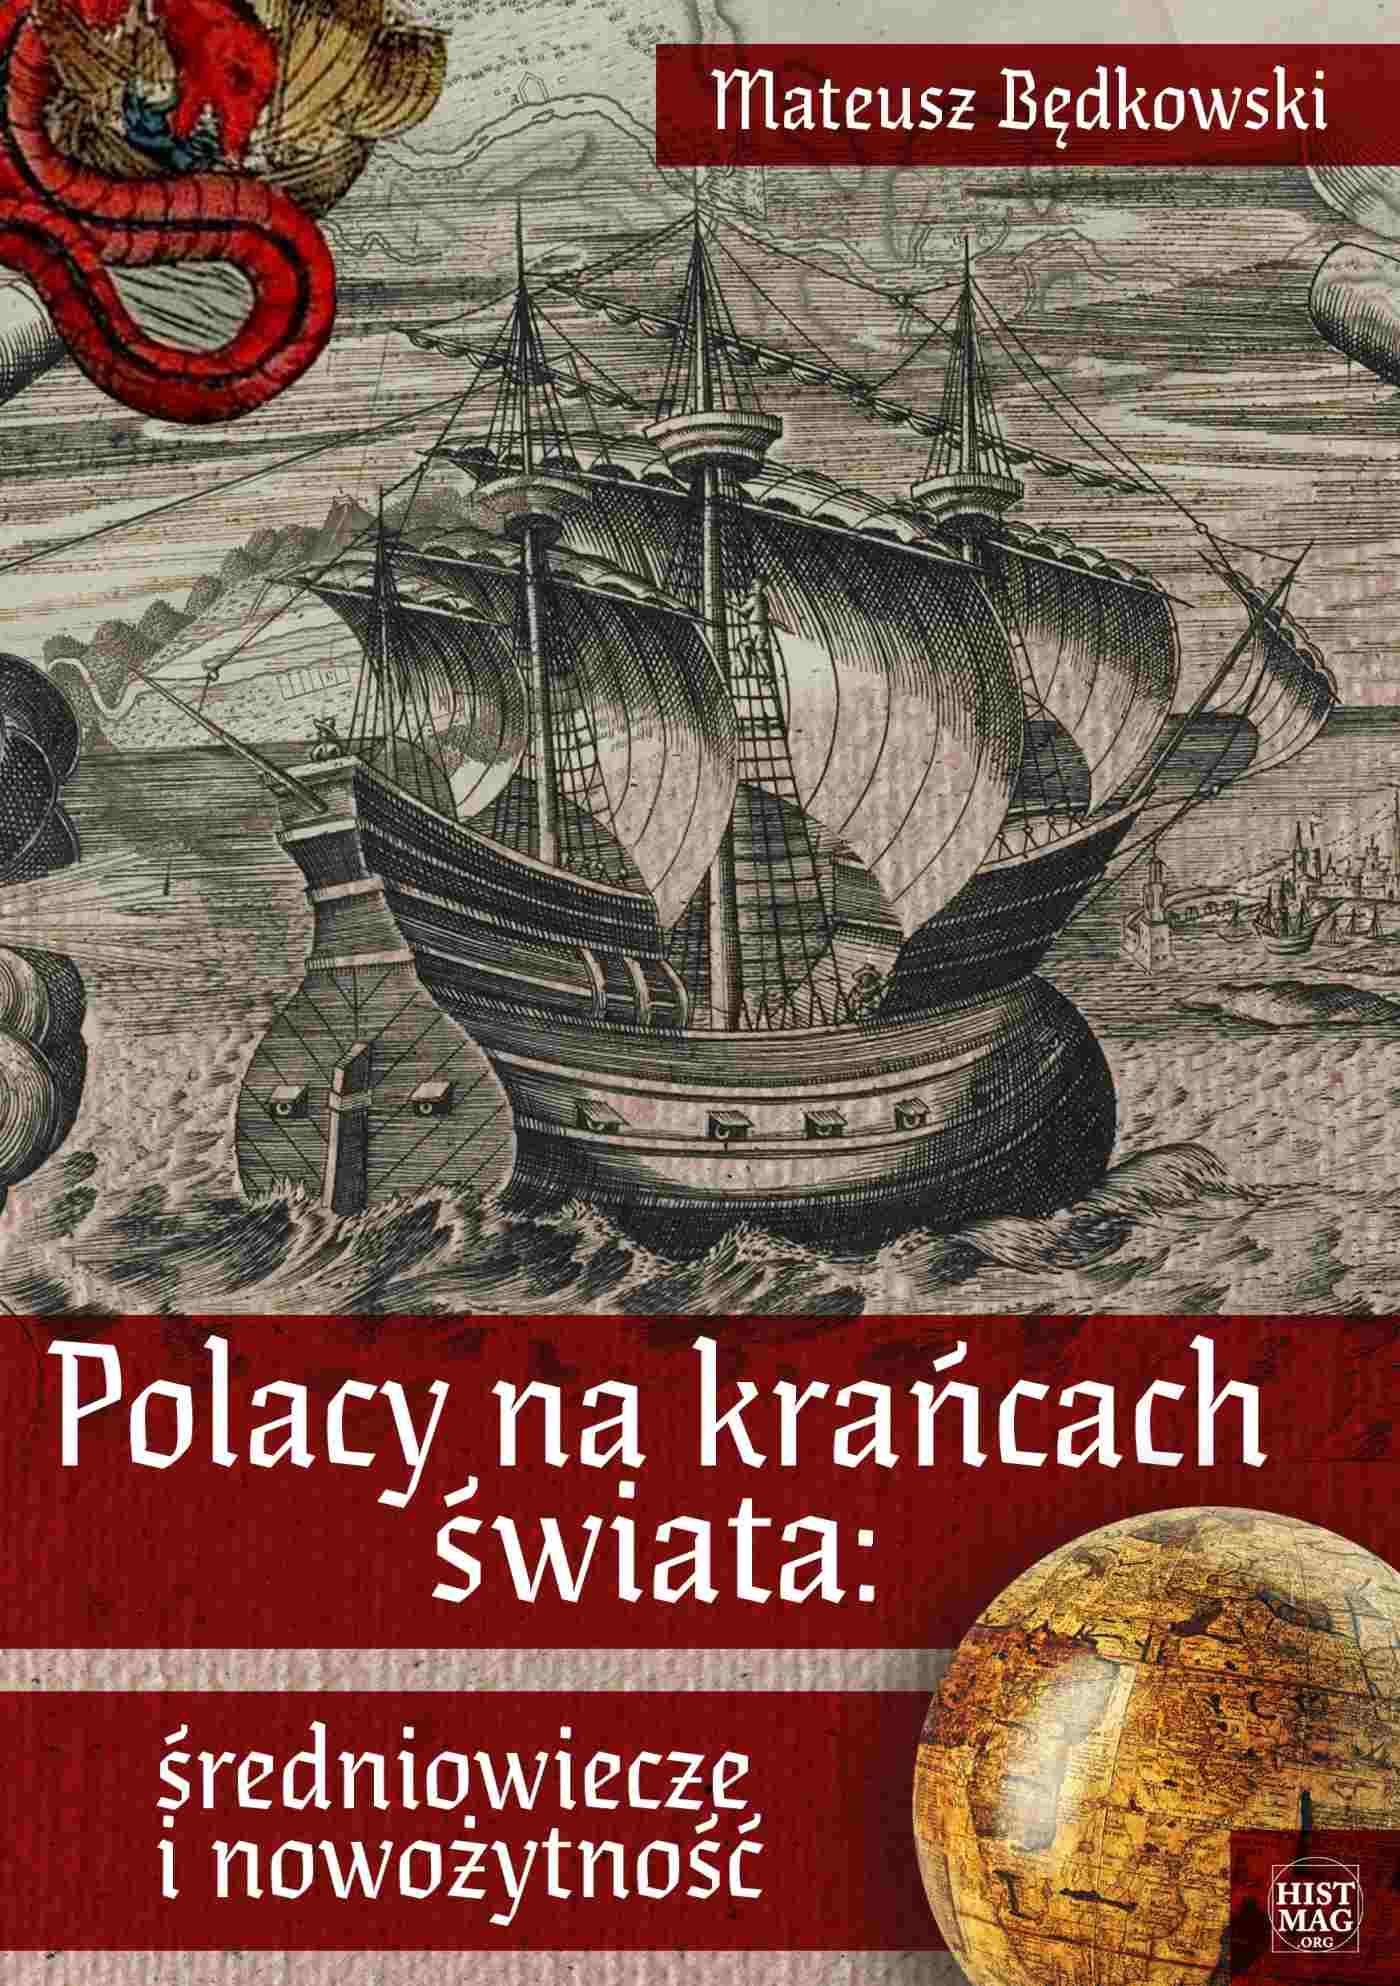 Polacy na krańcach świata: średniowiecze i nowożytność - Ebook (Książka na Kindle) do pobrania w formacie MOBI